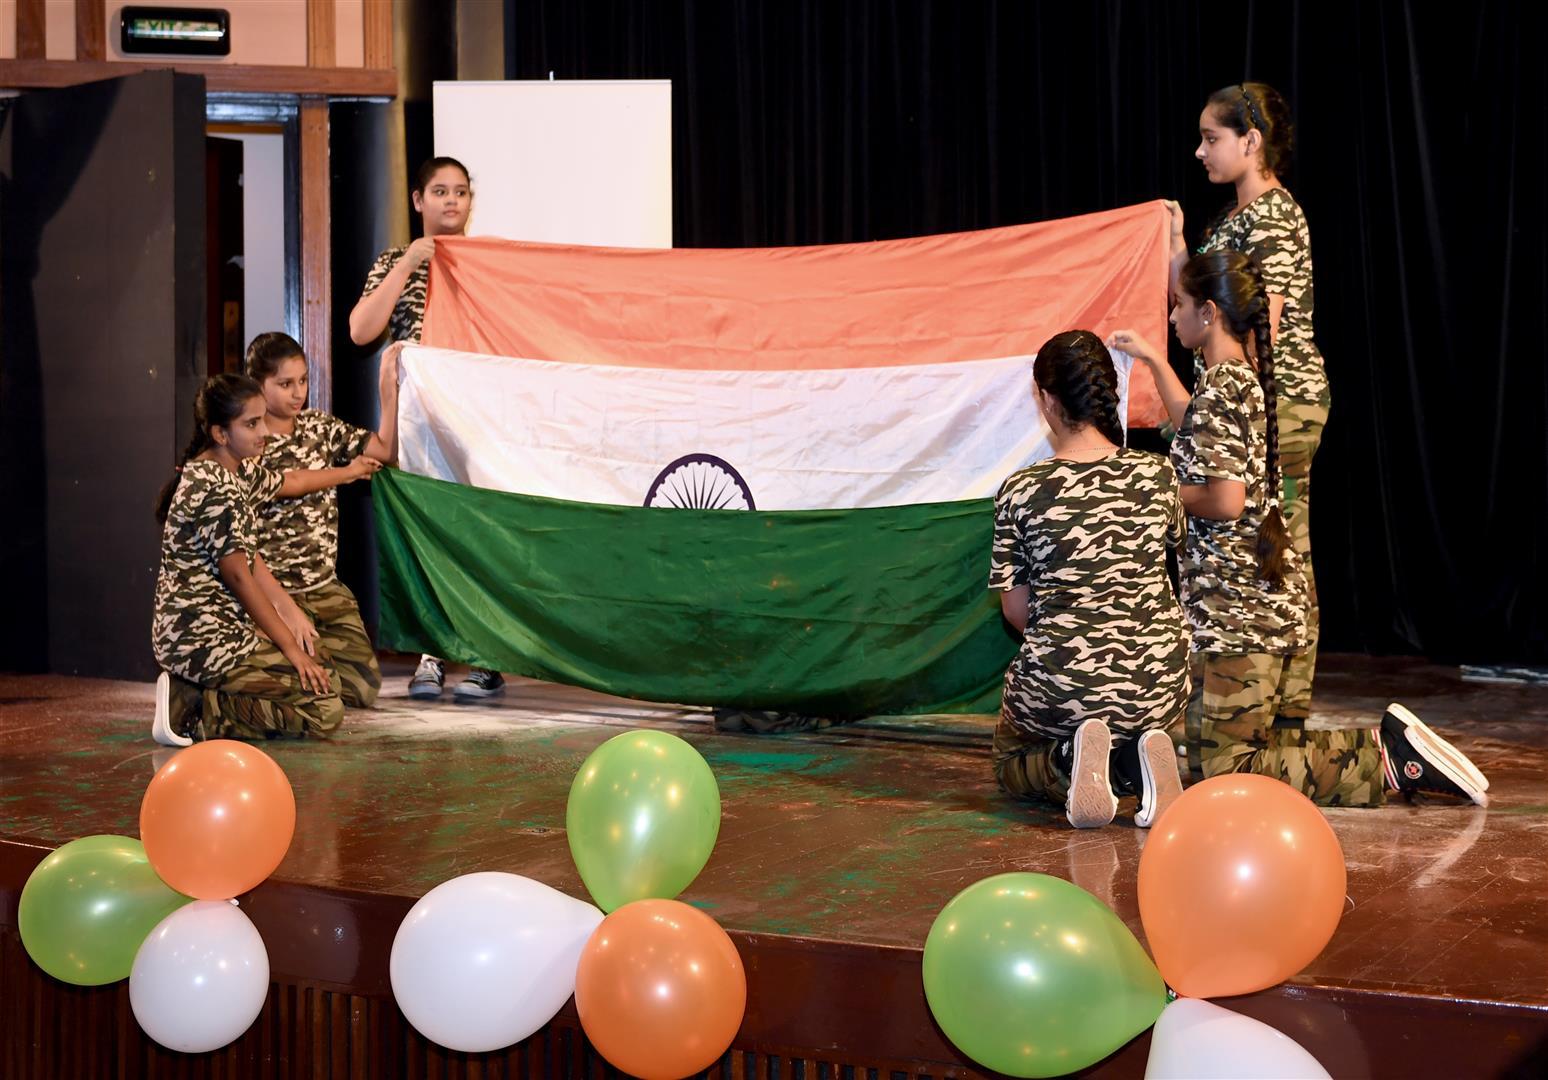 إحتفالات السفارة الهنديه بأبوظبي 15-8-2017 DSC_1129.JPG 7 /Large/